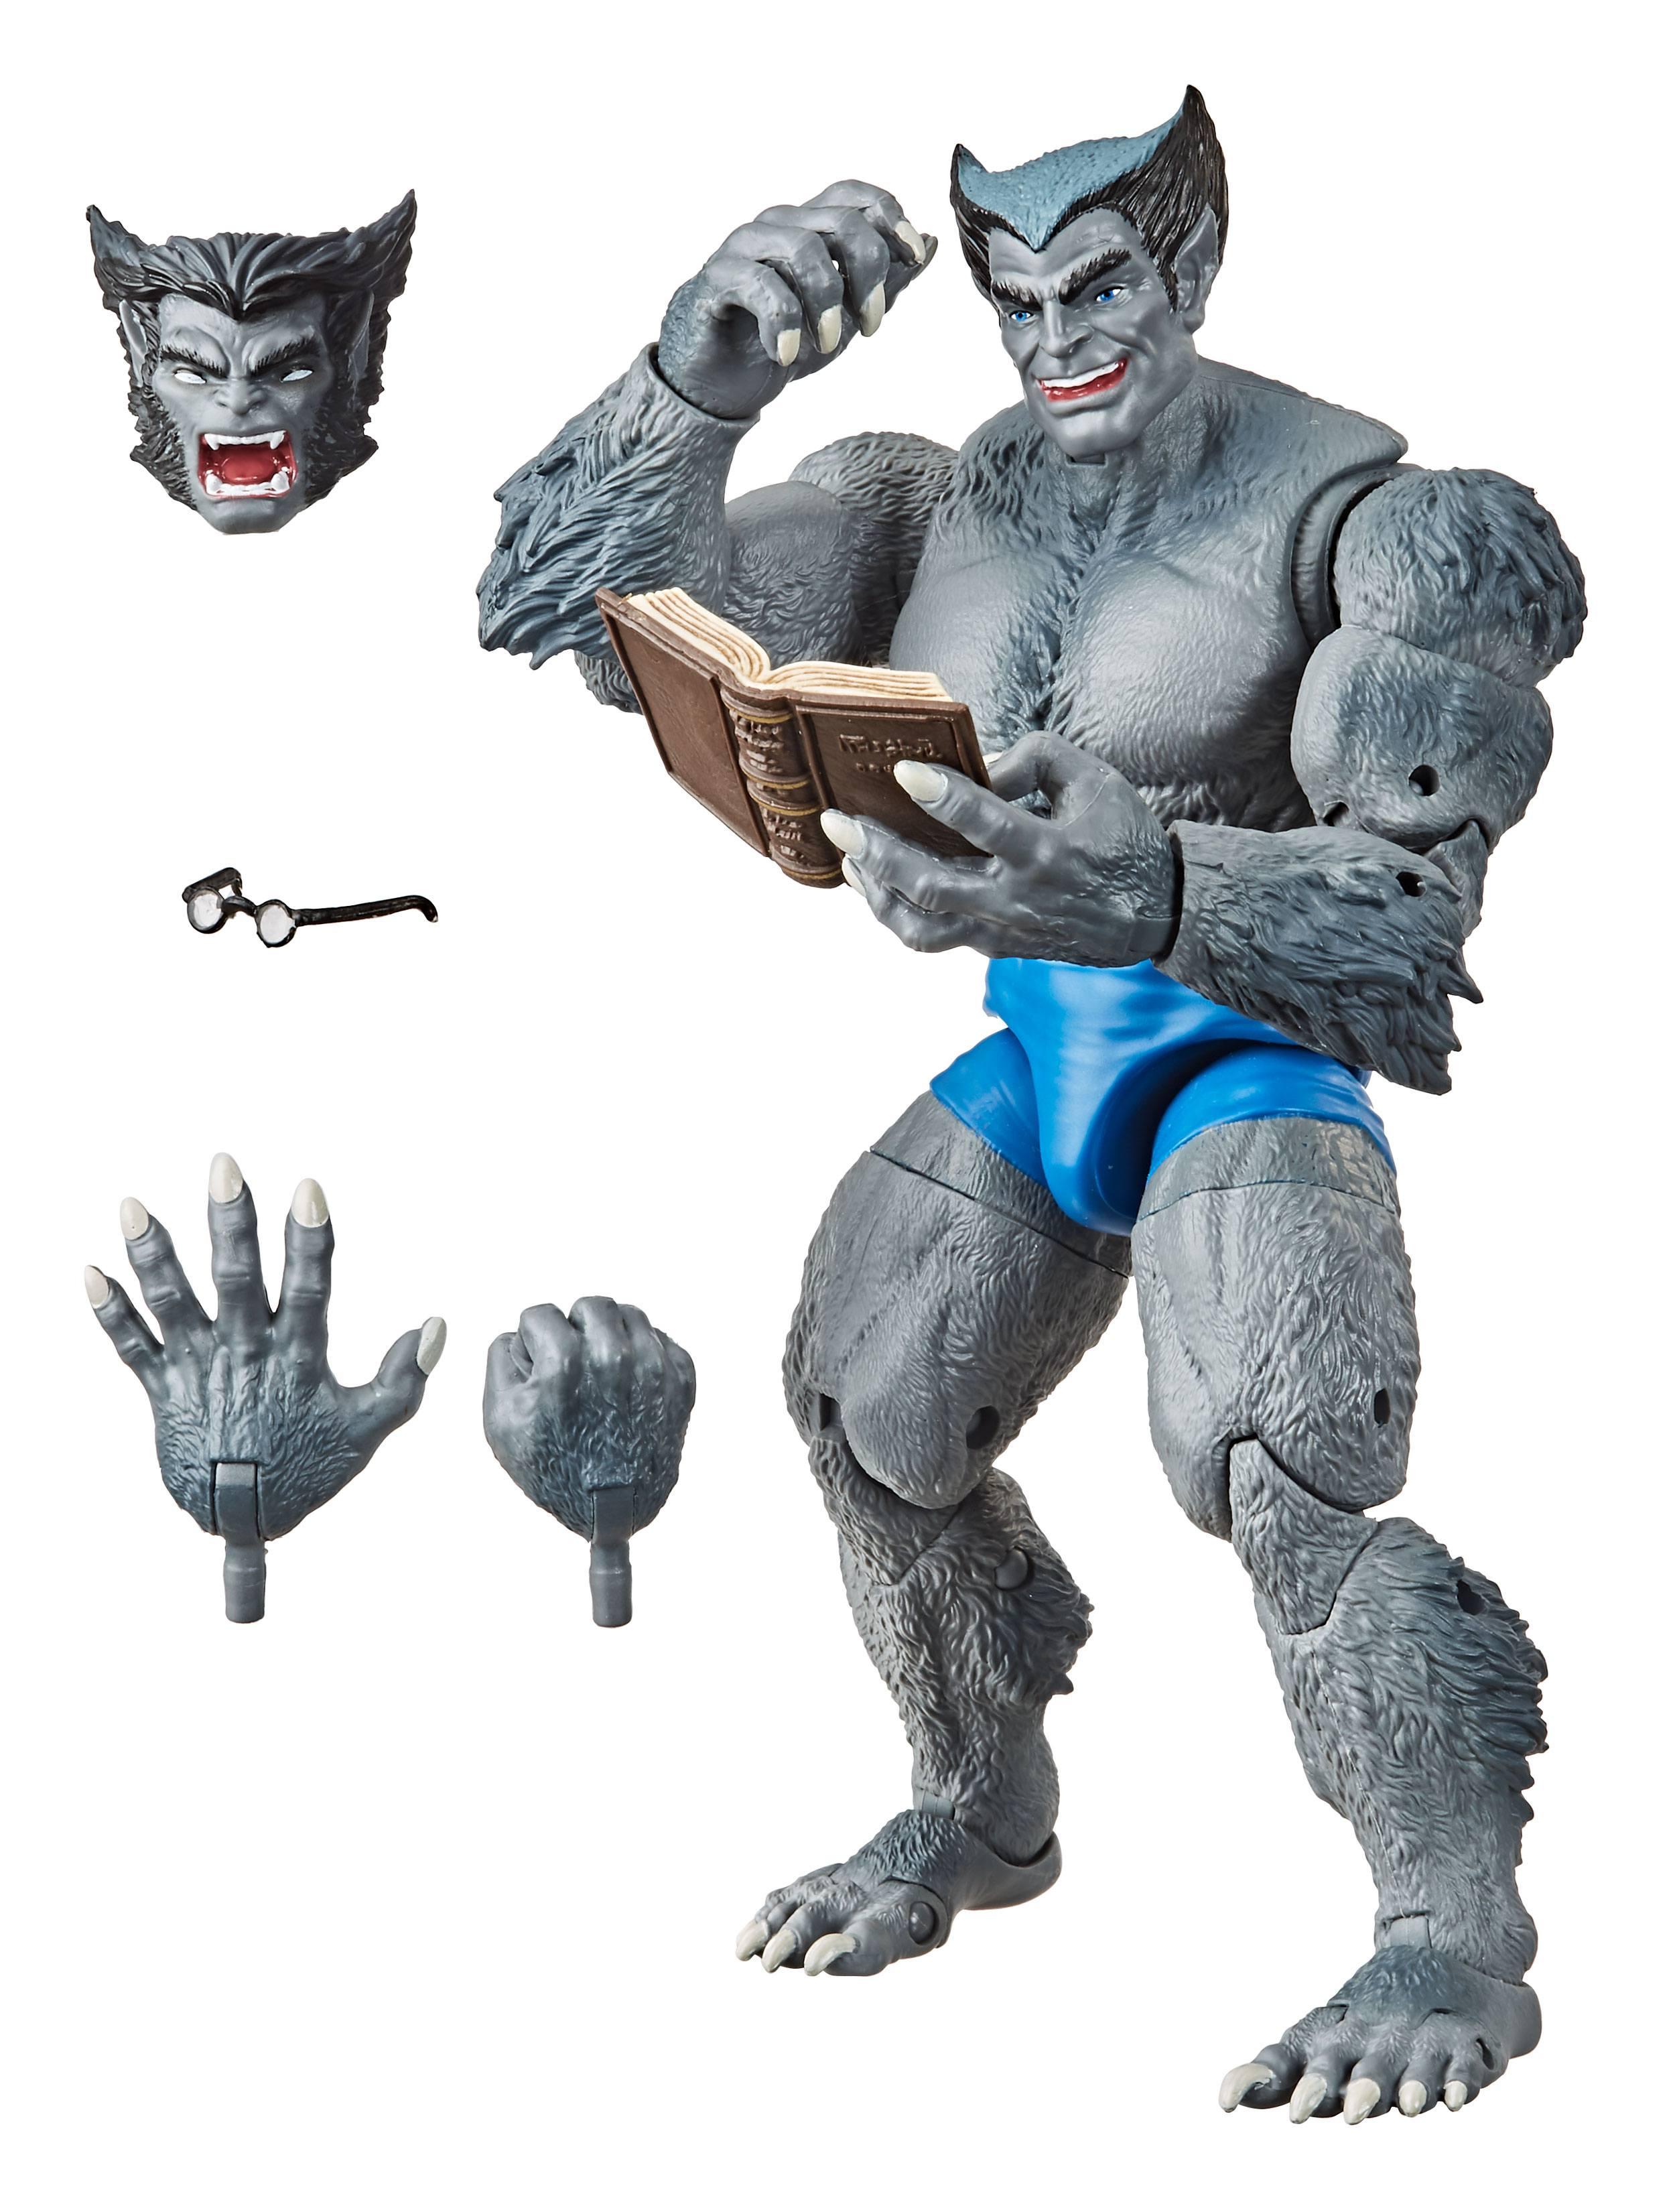 The Uncanny X-Men Marvel Retro Collection Actionfigur Marvel's Beast 15 cm E9659 5010993727230